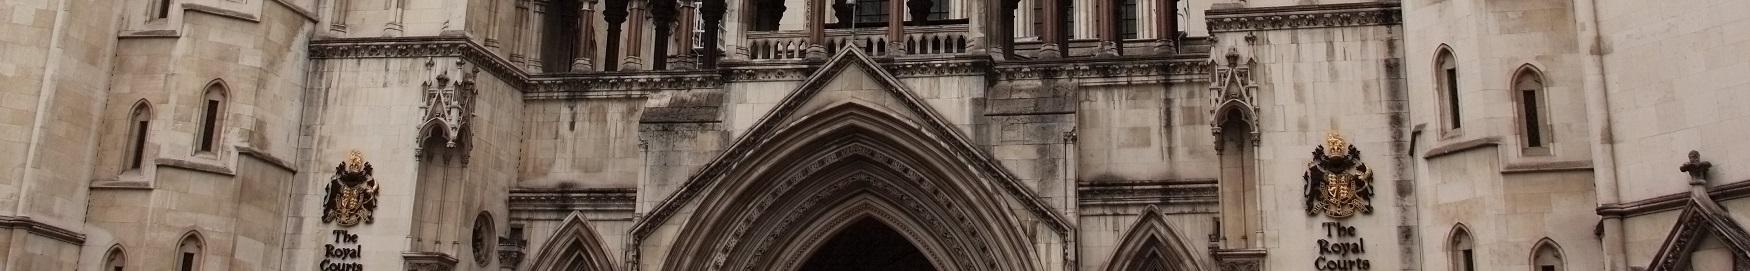 law-courts-header.jpg